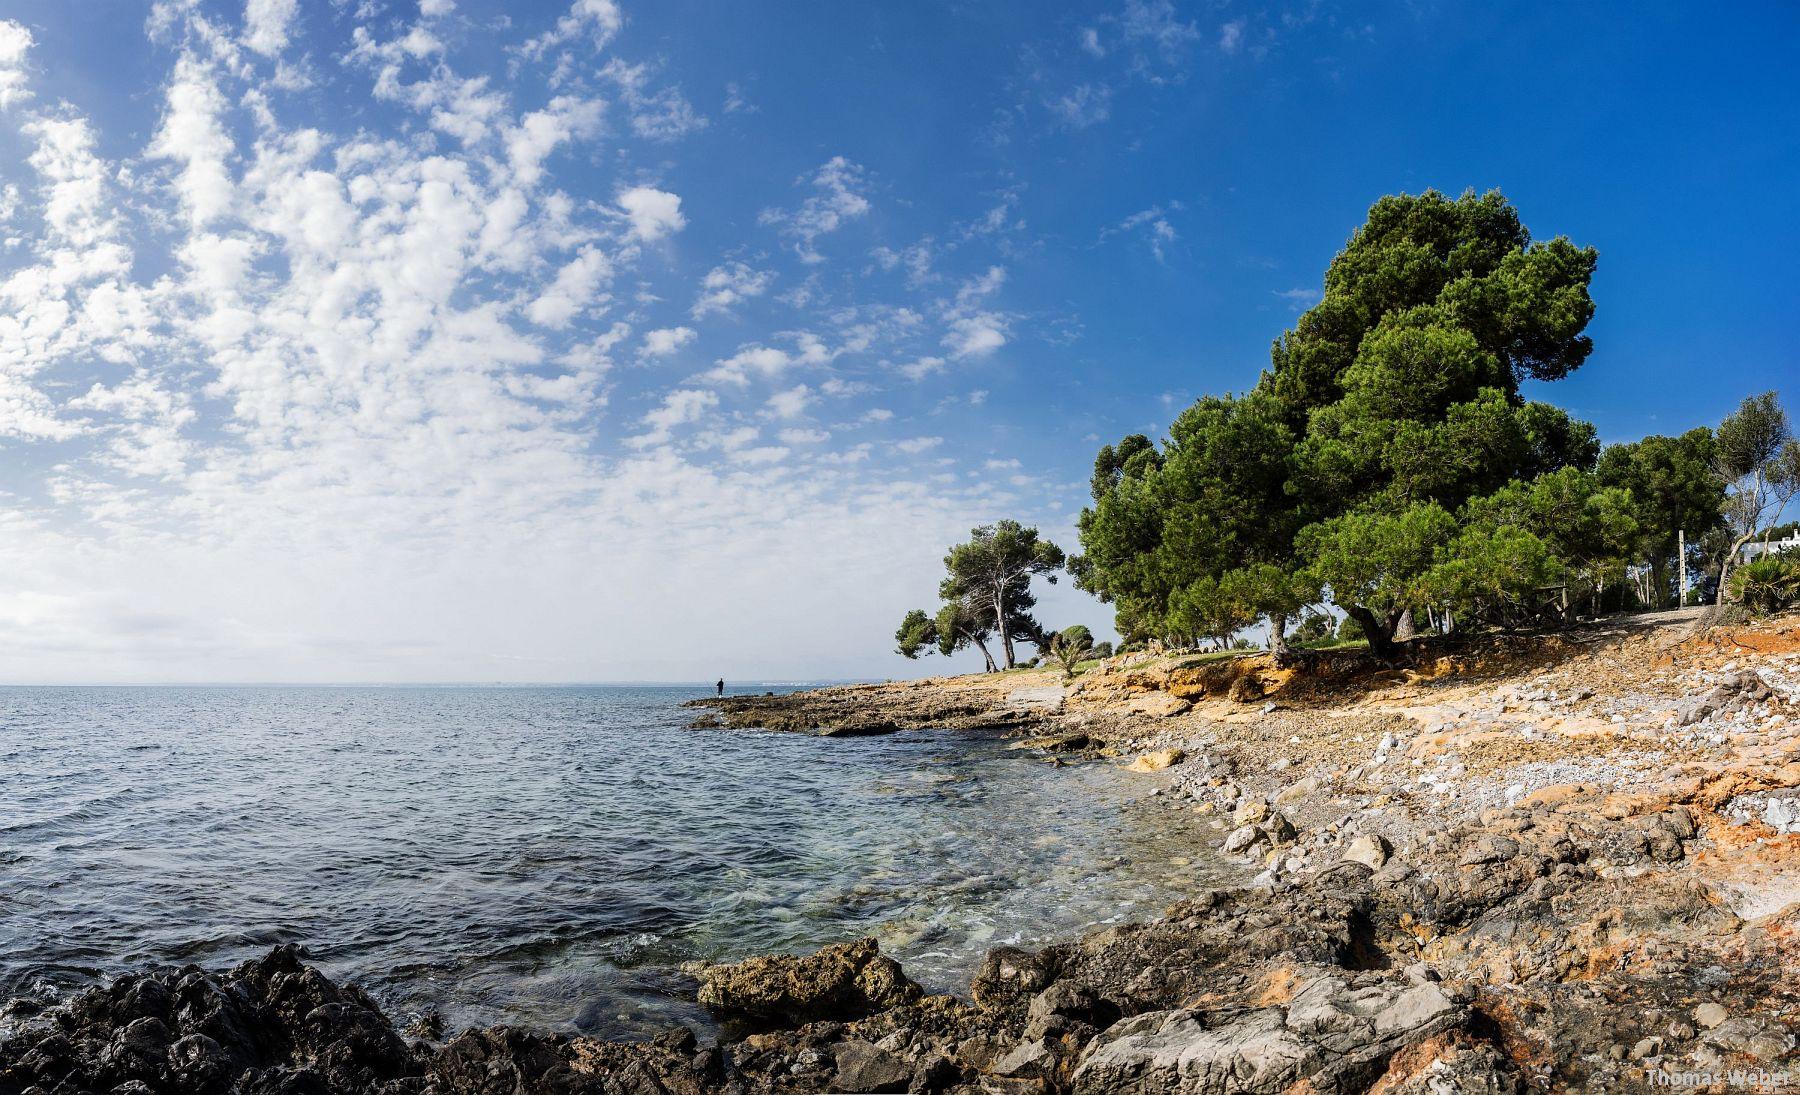 Fotograf Thomas Weber aus Oldenburg: Motorradtour und Fototour über die balearische Insel Mallorca 2015